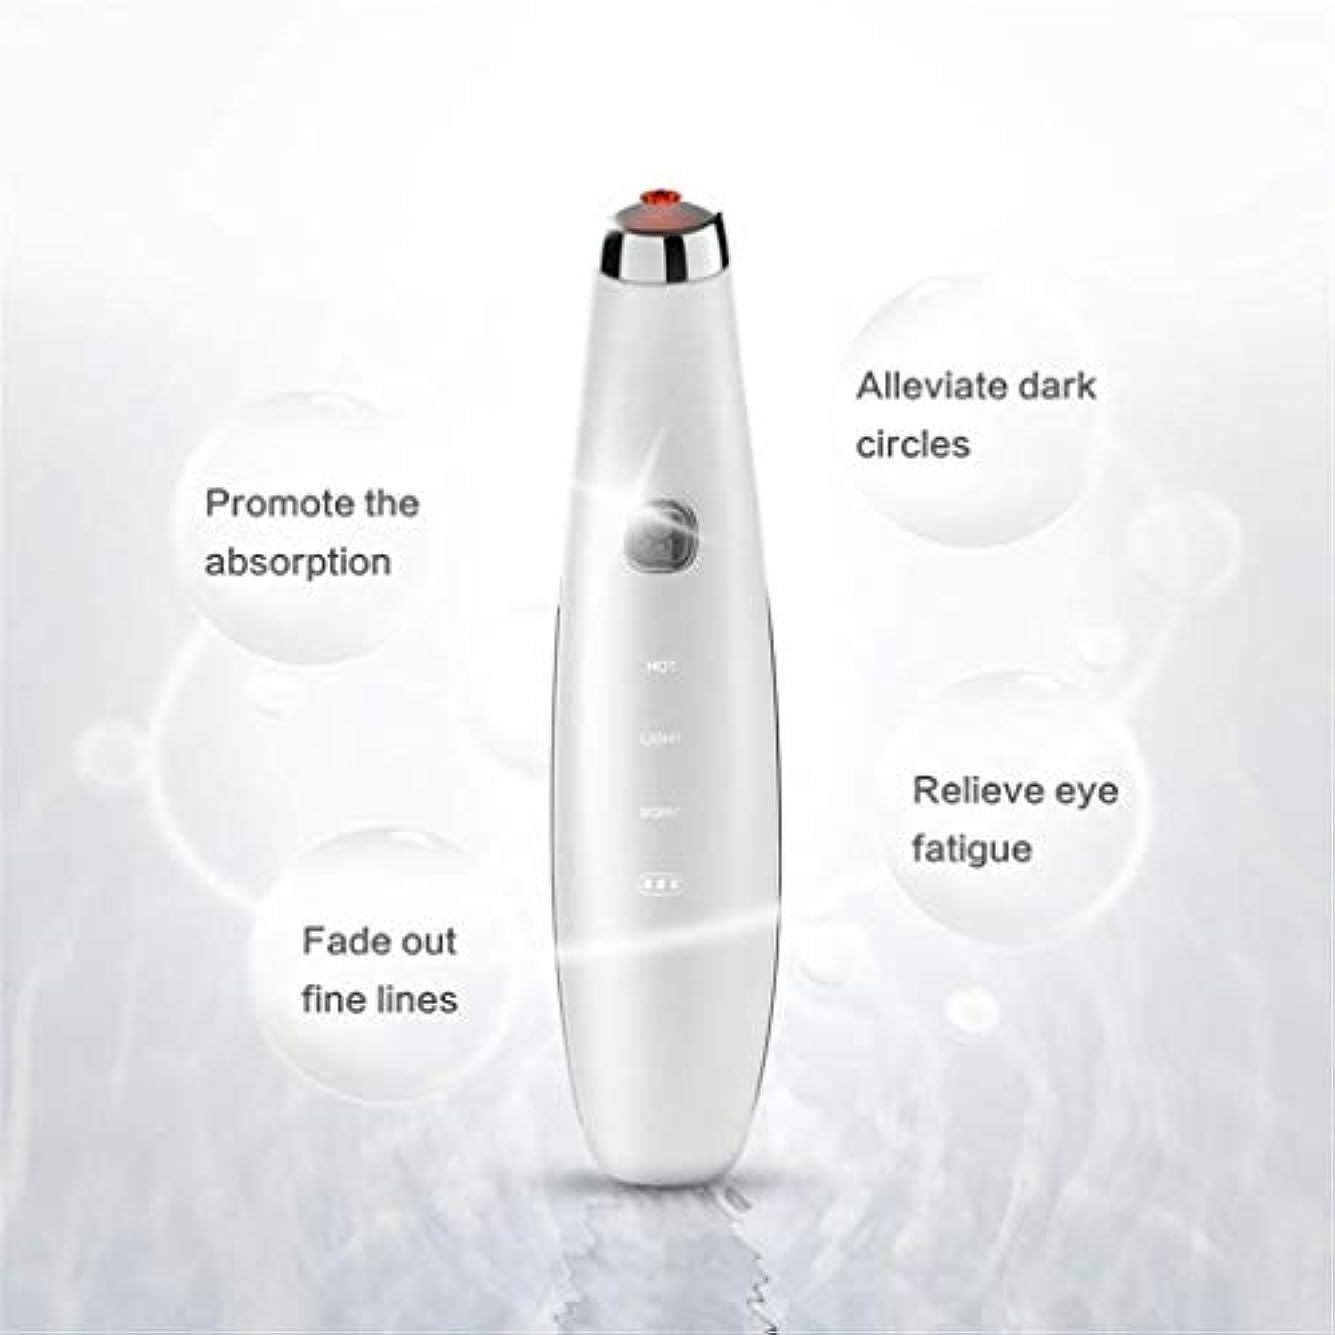 やさしい番号汚れたアイマッサージャー、磁気アンチエイジングフェイシャルマッサージ、42°恒温熱処理、肌を引き締め、ダークサークルを改善し、目の下の袋、鈍い肌